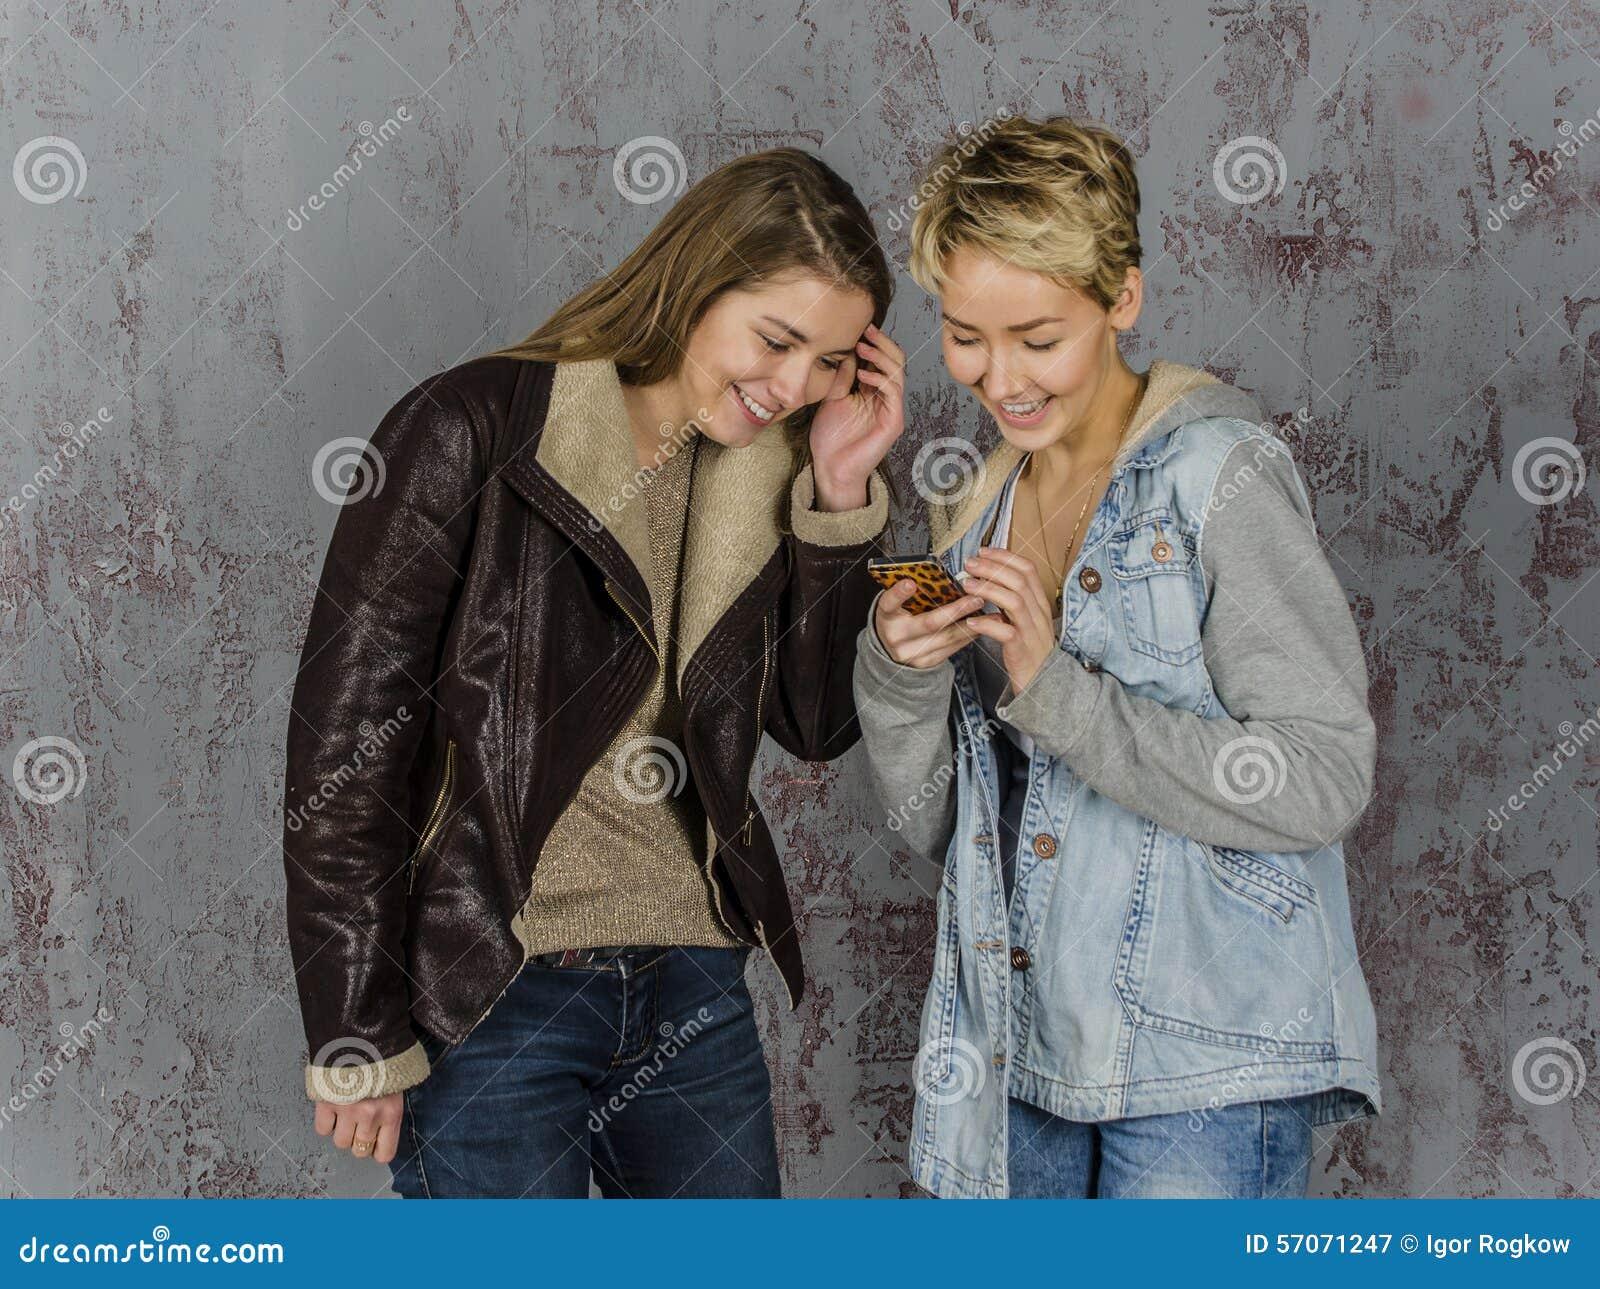 Русская женщина и молодой друг #4